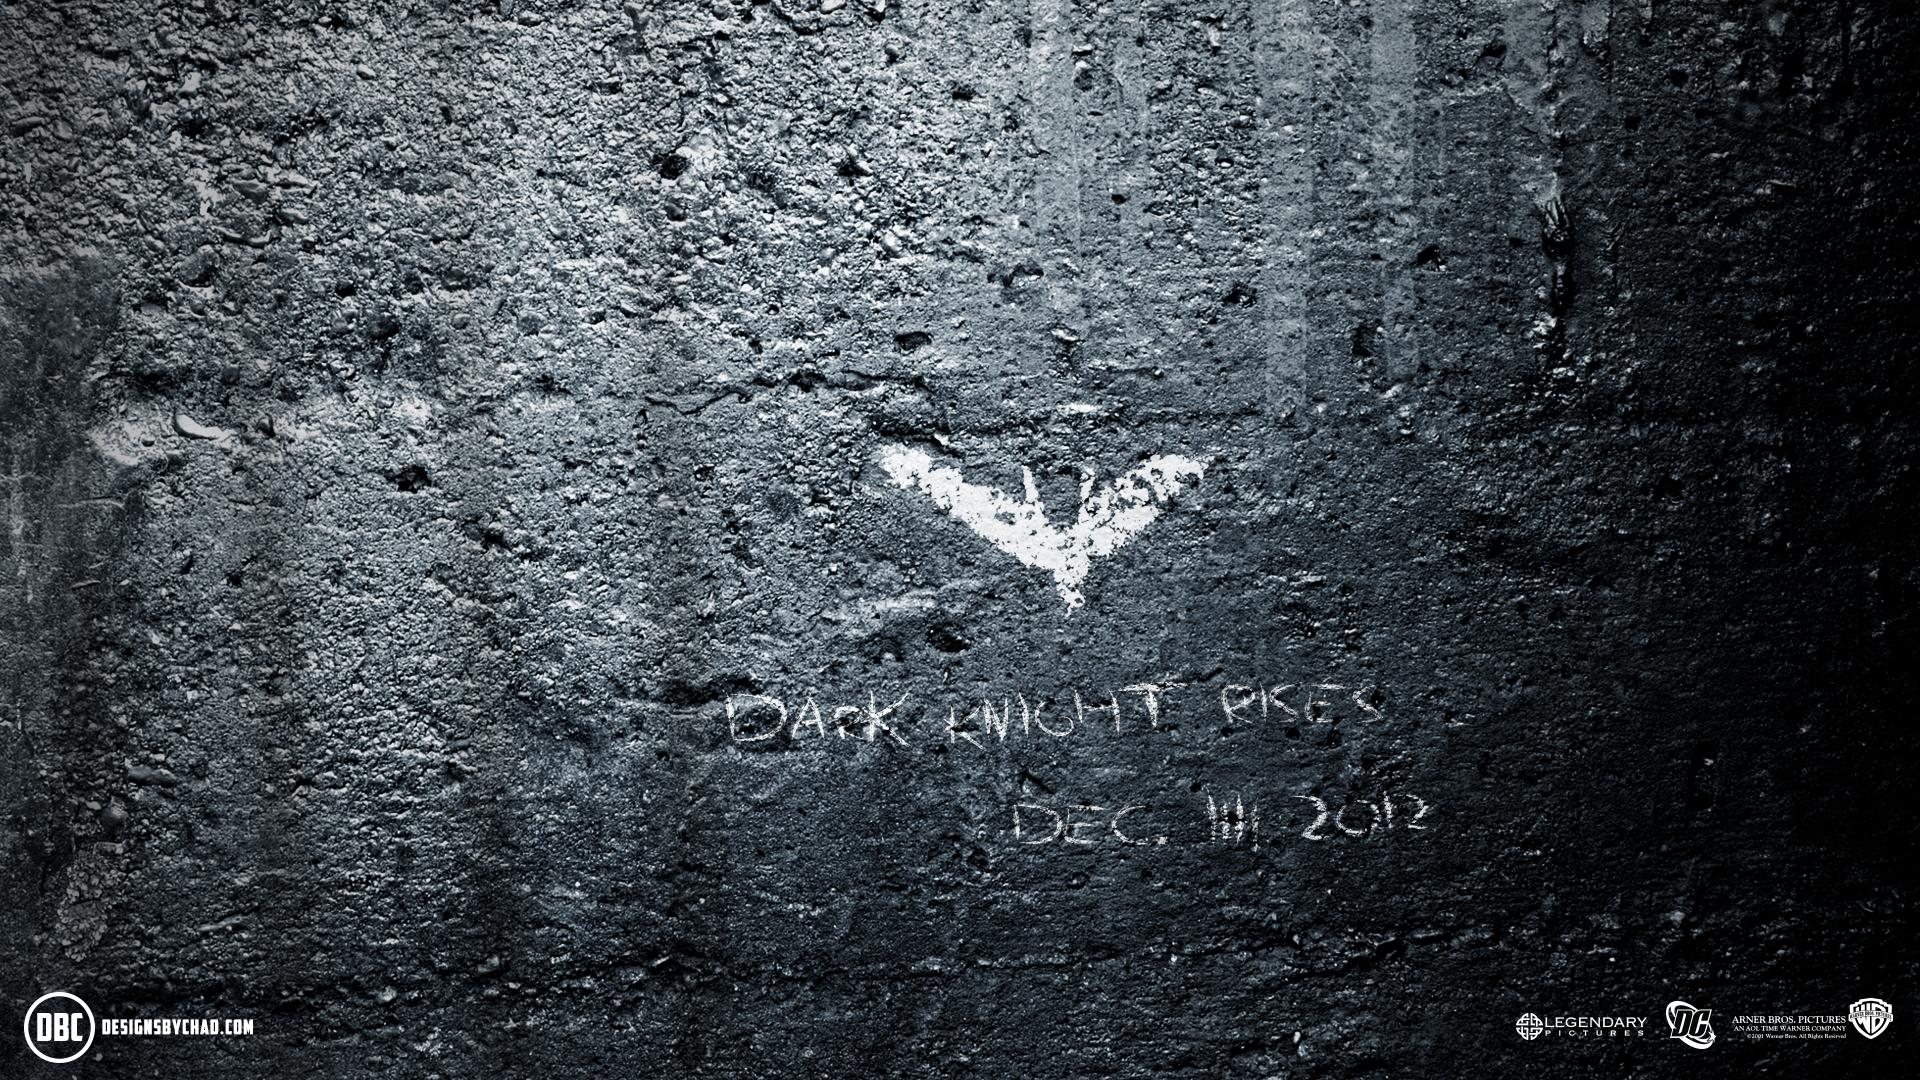 Dark Knight Rises Wallpaper by Chadski51